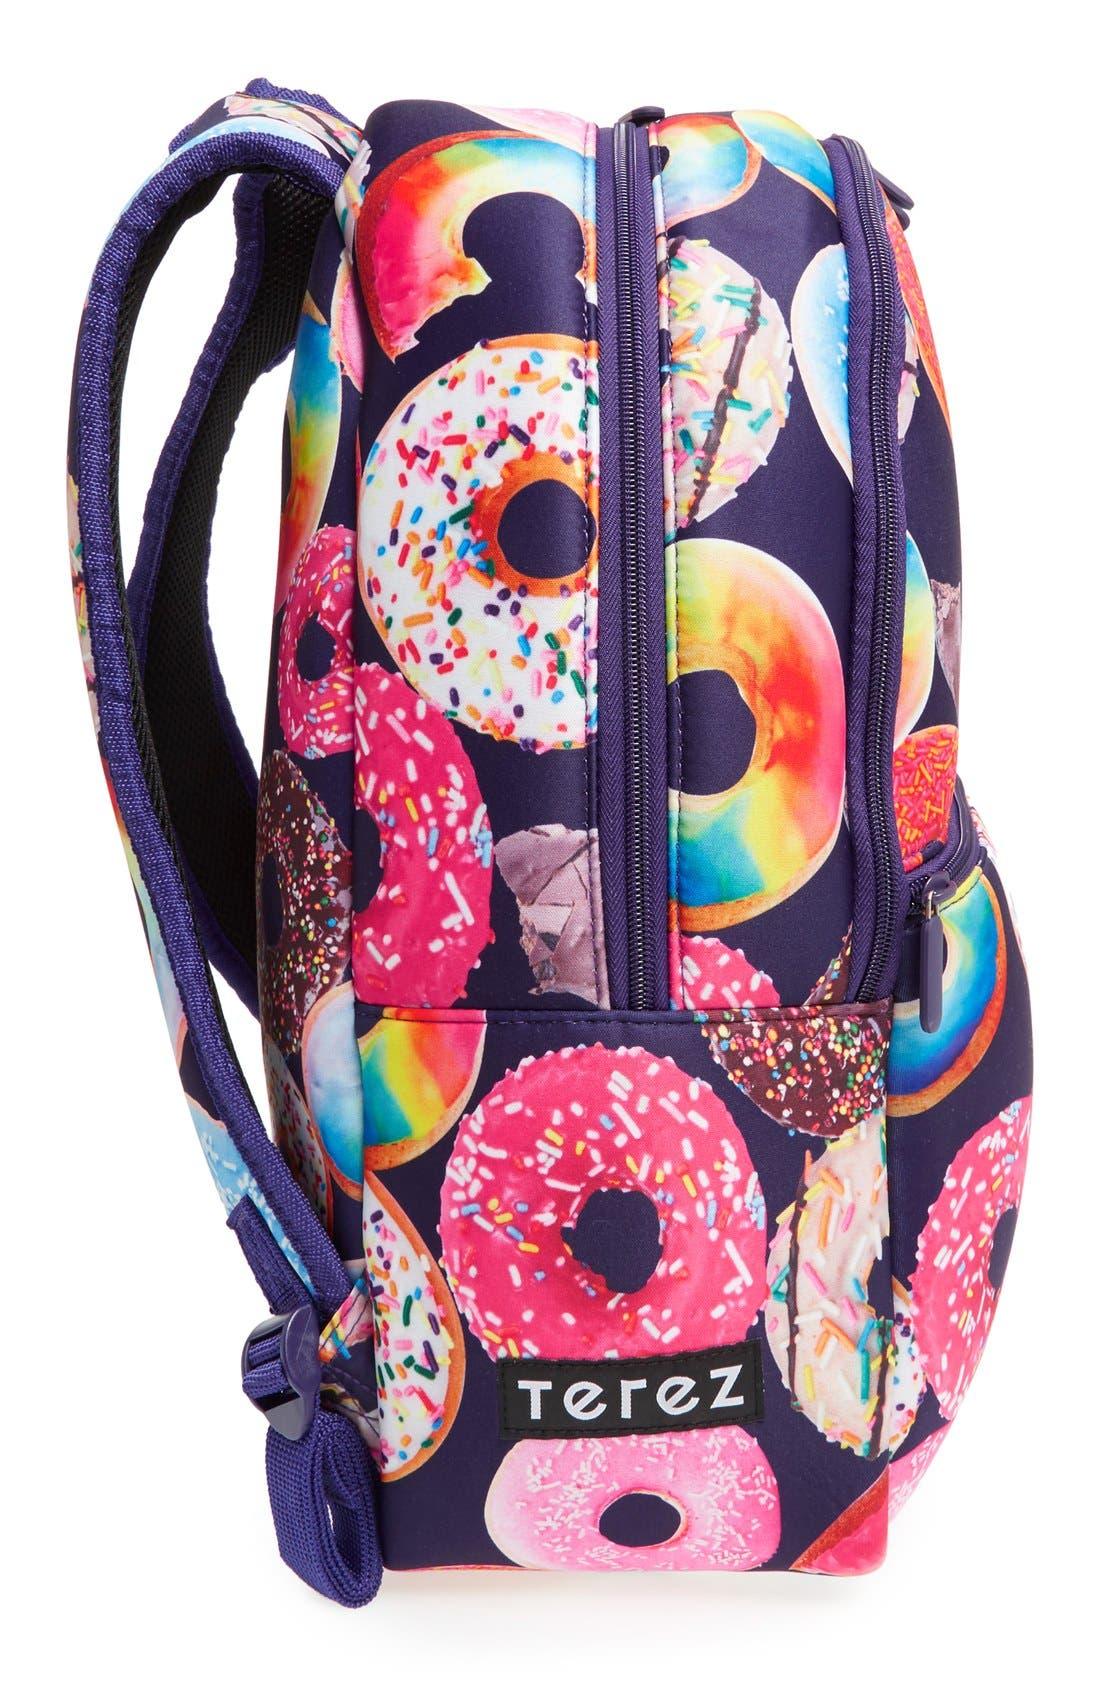 'Donut Shop' Neoprene Backpack,                             Alternate thumbnail 4, color,                             Black Multi